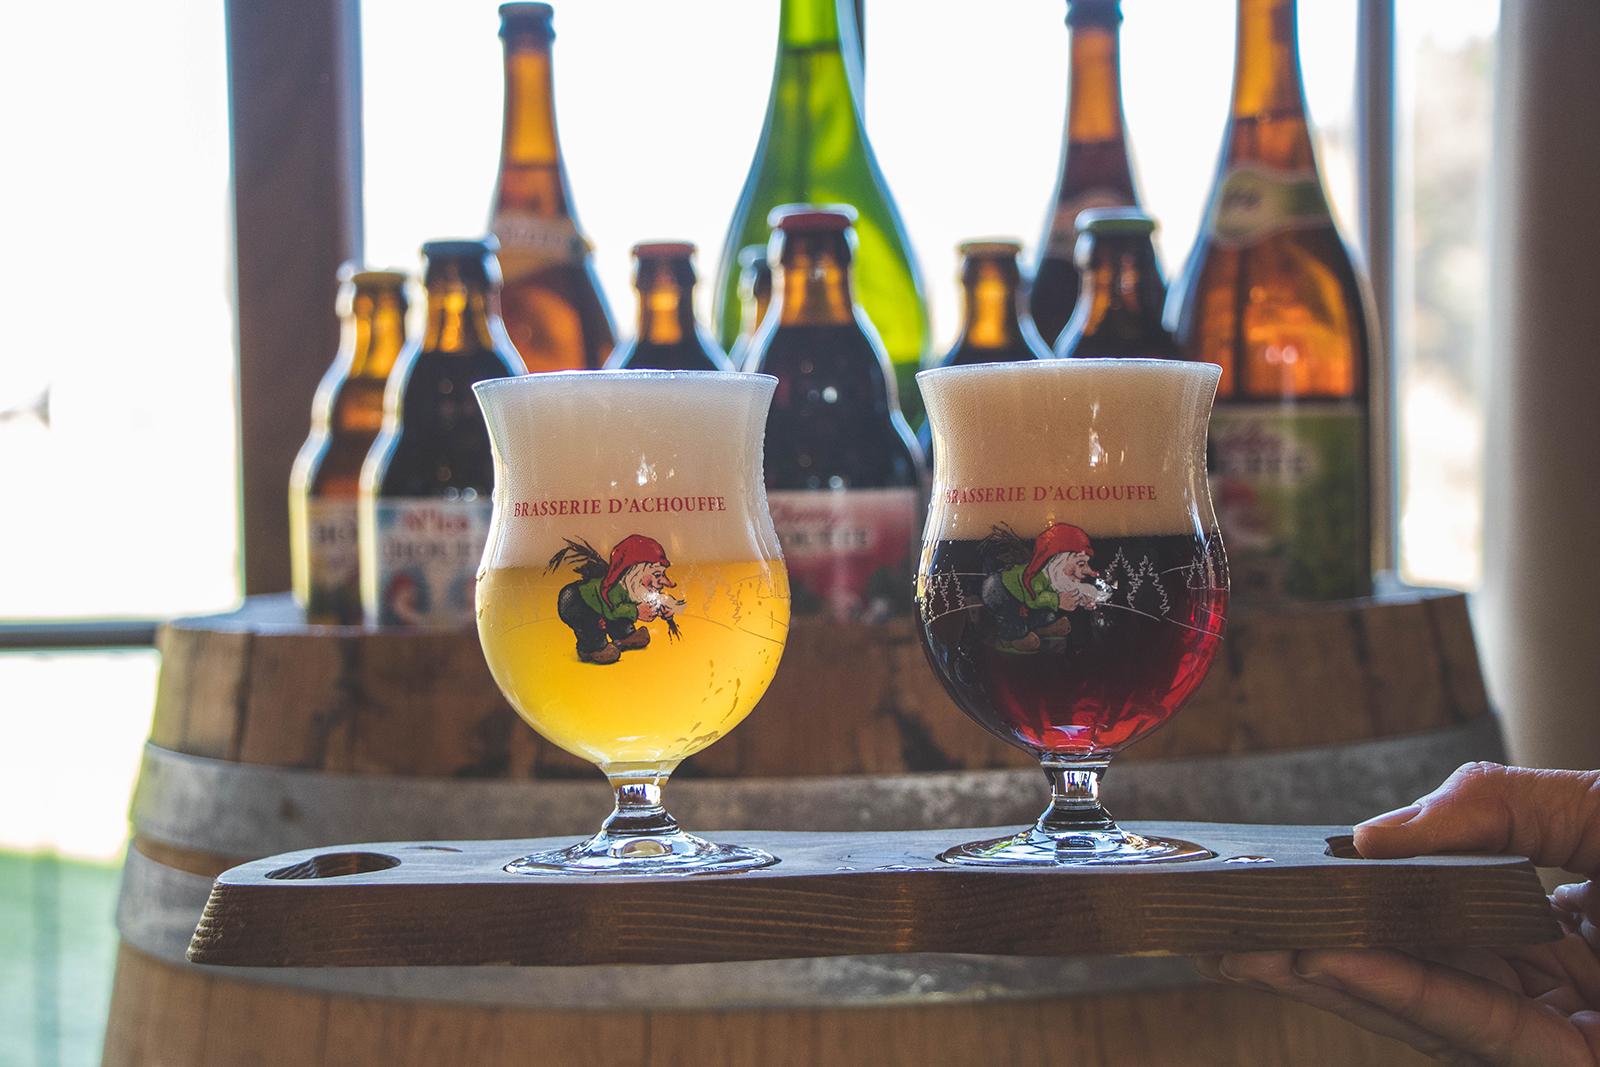 La Chouffe Belgie Bier